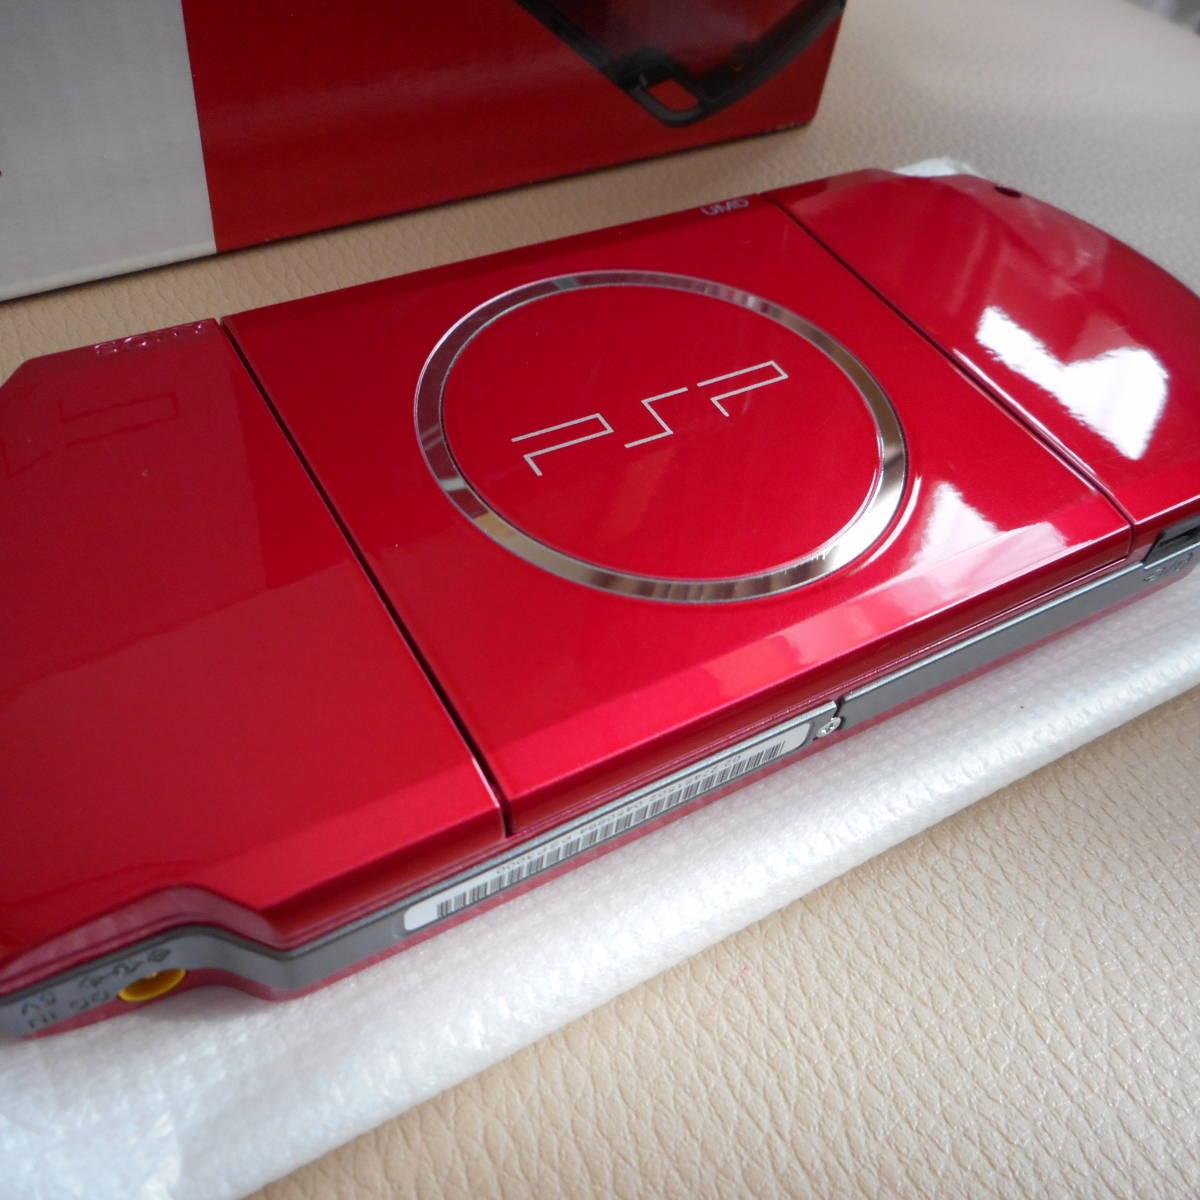 ☆★新品未使用★プレーステーションポータブル PSP-3000RRラディアンレッド_画像7